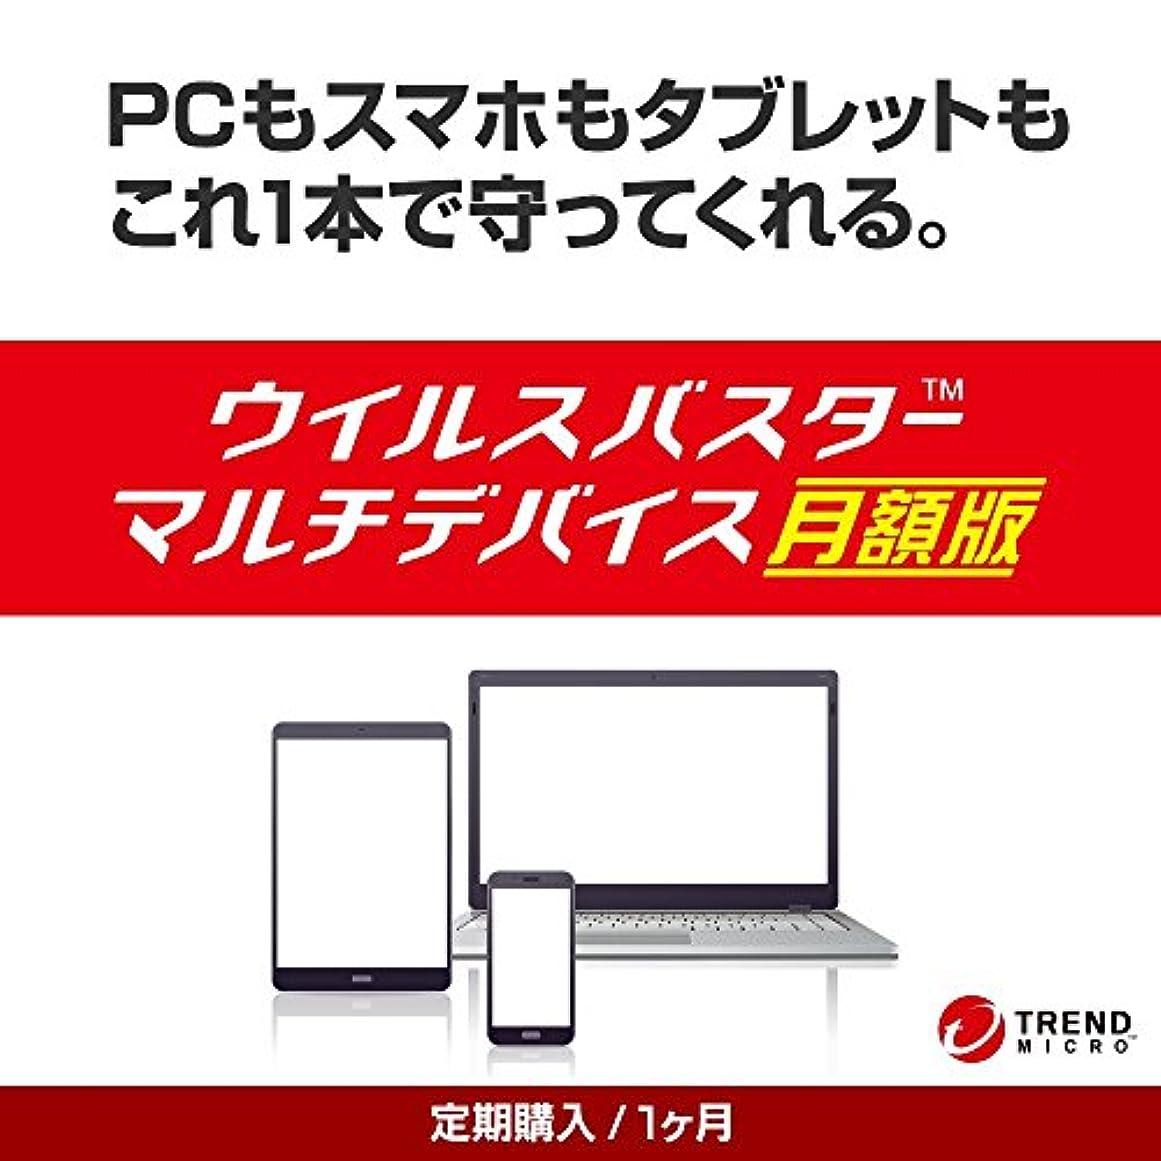 社会科雰囲気小石ウイルスバスターマルチデバイス(最新)|月額版|定期購入(サブスクリプション)|Win/Mac/Android対応